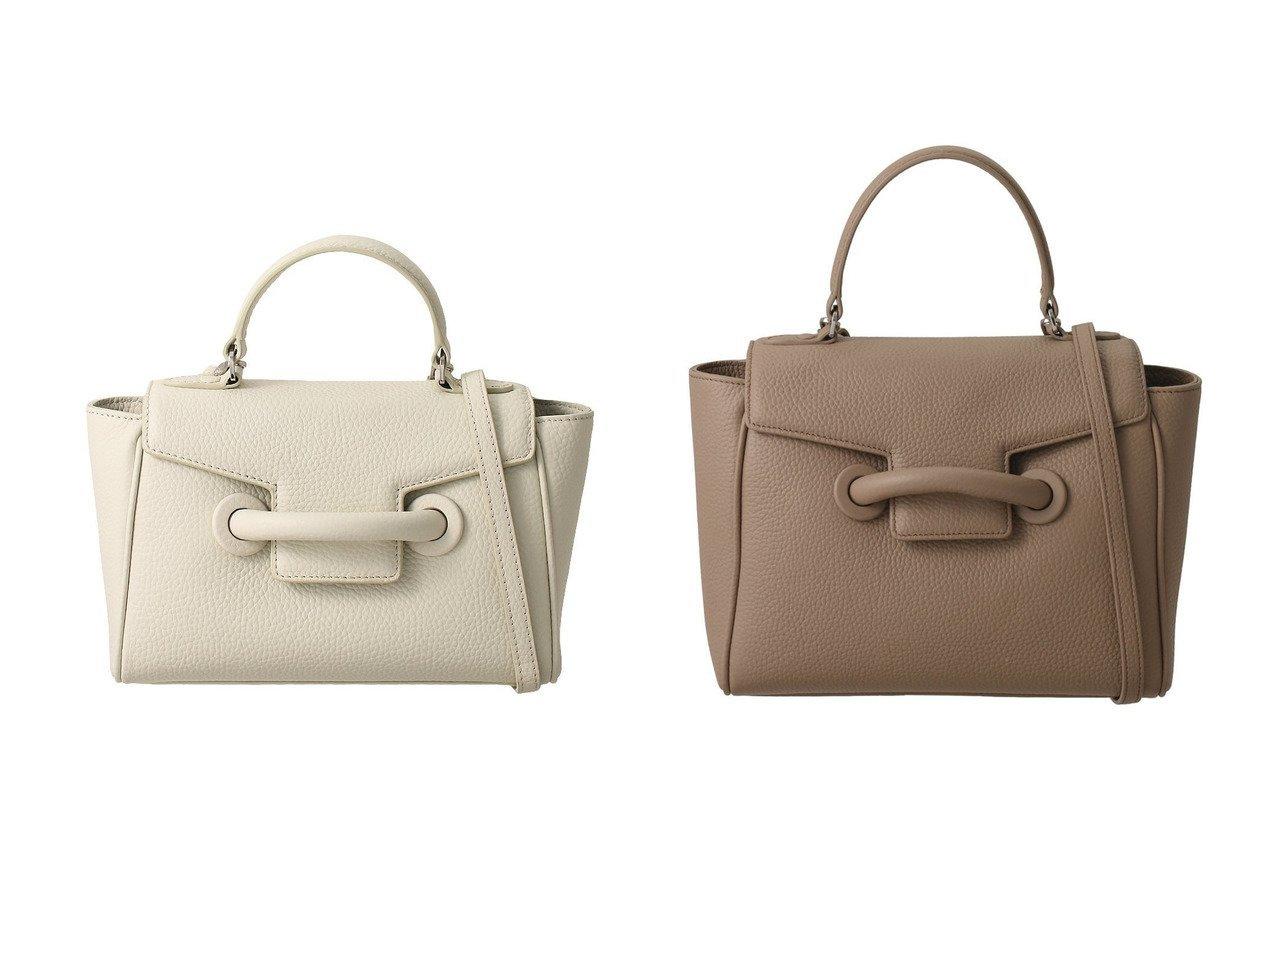 【VASIC/ヴァジック】のEver Mini Mini 2wayハンドバッグ&Ever Mini 2wayハンドバッグ バッグ・鞄のおすすめ!人気トレンド・レディースファッションの通販 おすすめで人気のファッション通販商品 インテリア・家具・キッズファッション・メンズファッション・レディースファッション・服の通販 founy(ファニー) https://founy.com/ ファッション Fashion レディース WOMEN バッグ Bag ショルダー ハンド ハンドバッグ フラップ オケージョン コンパクト ポケット  ID:crp329100000006090